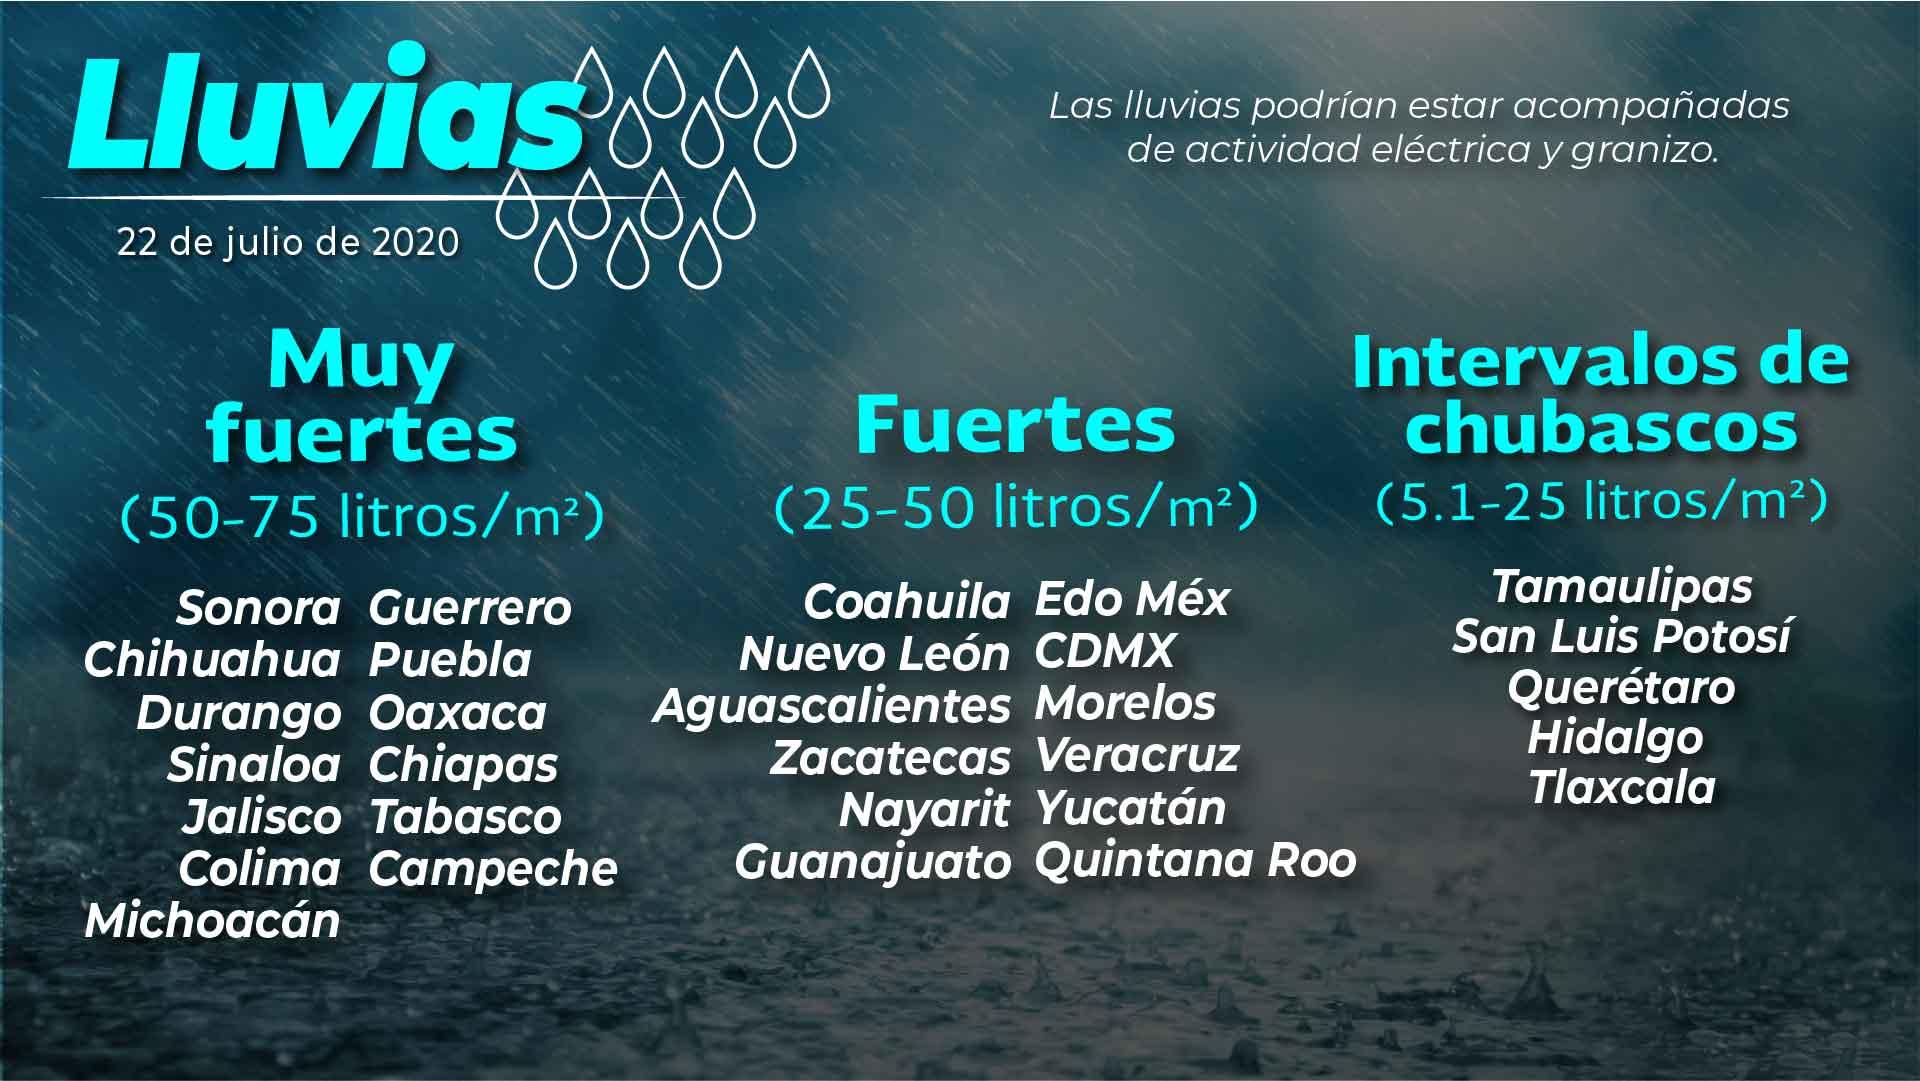 Continúa el pronóstico de lluvias para Tlaxcala el dia de hoy miércoles